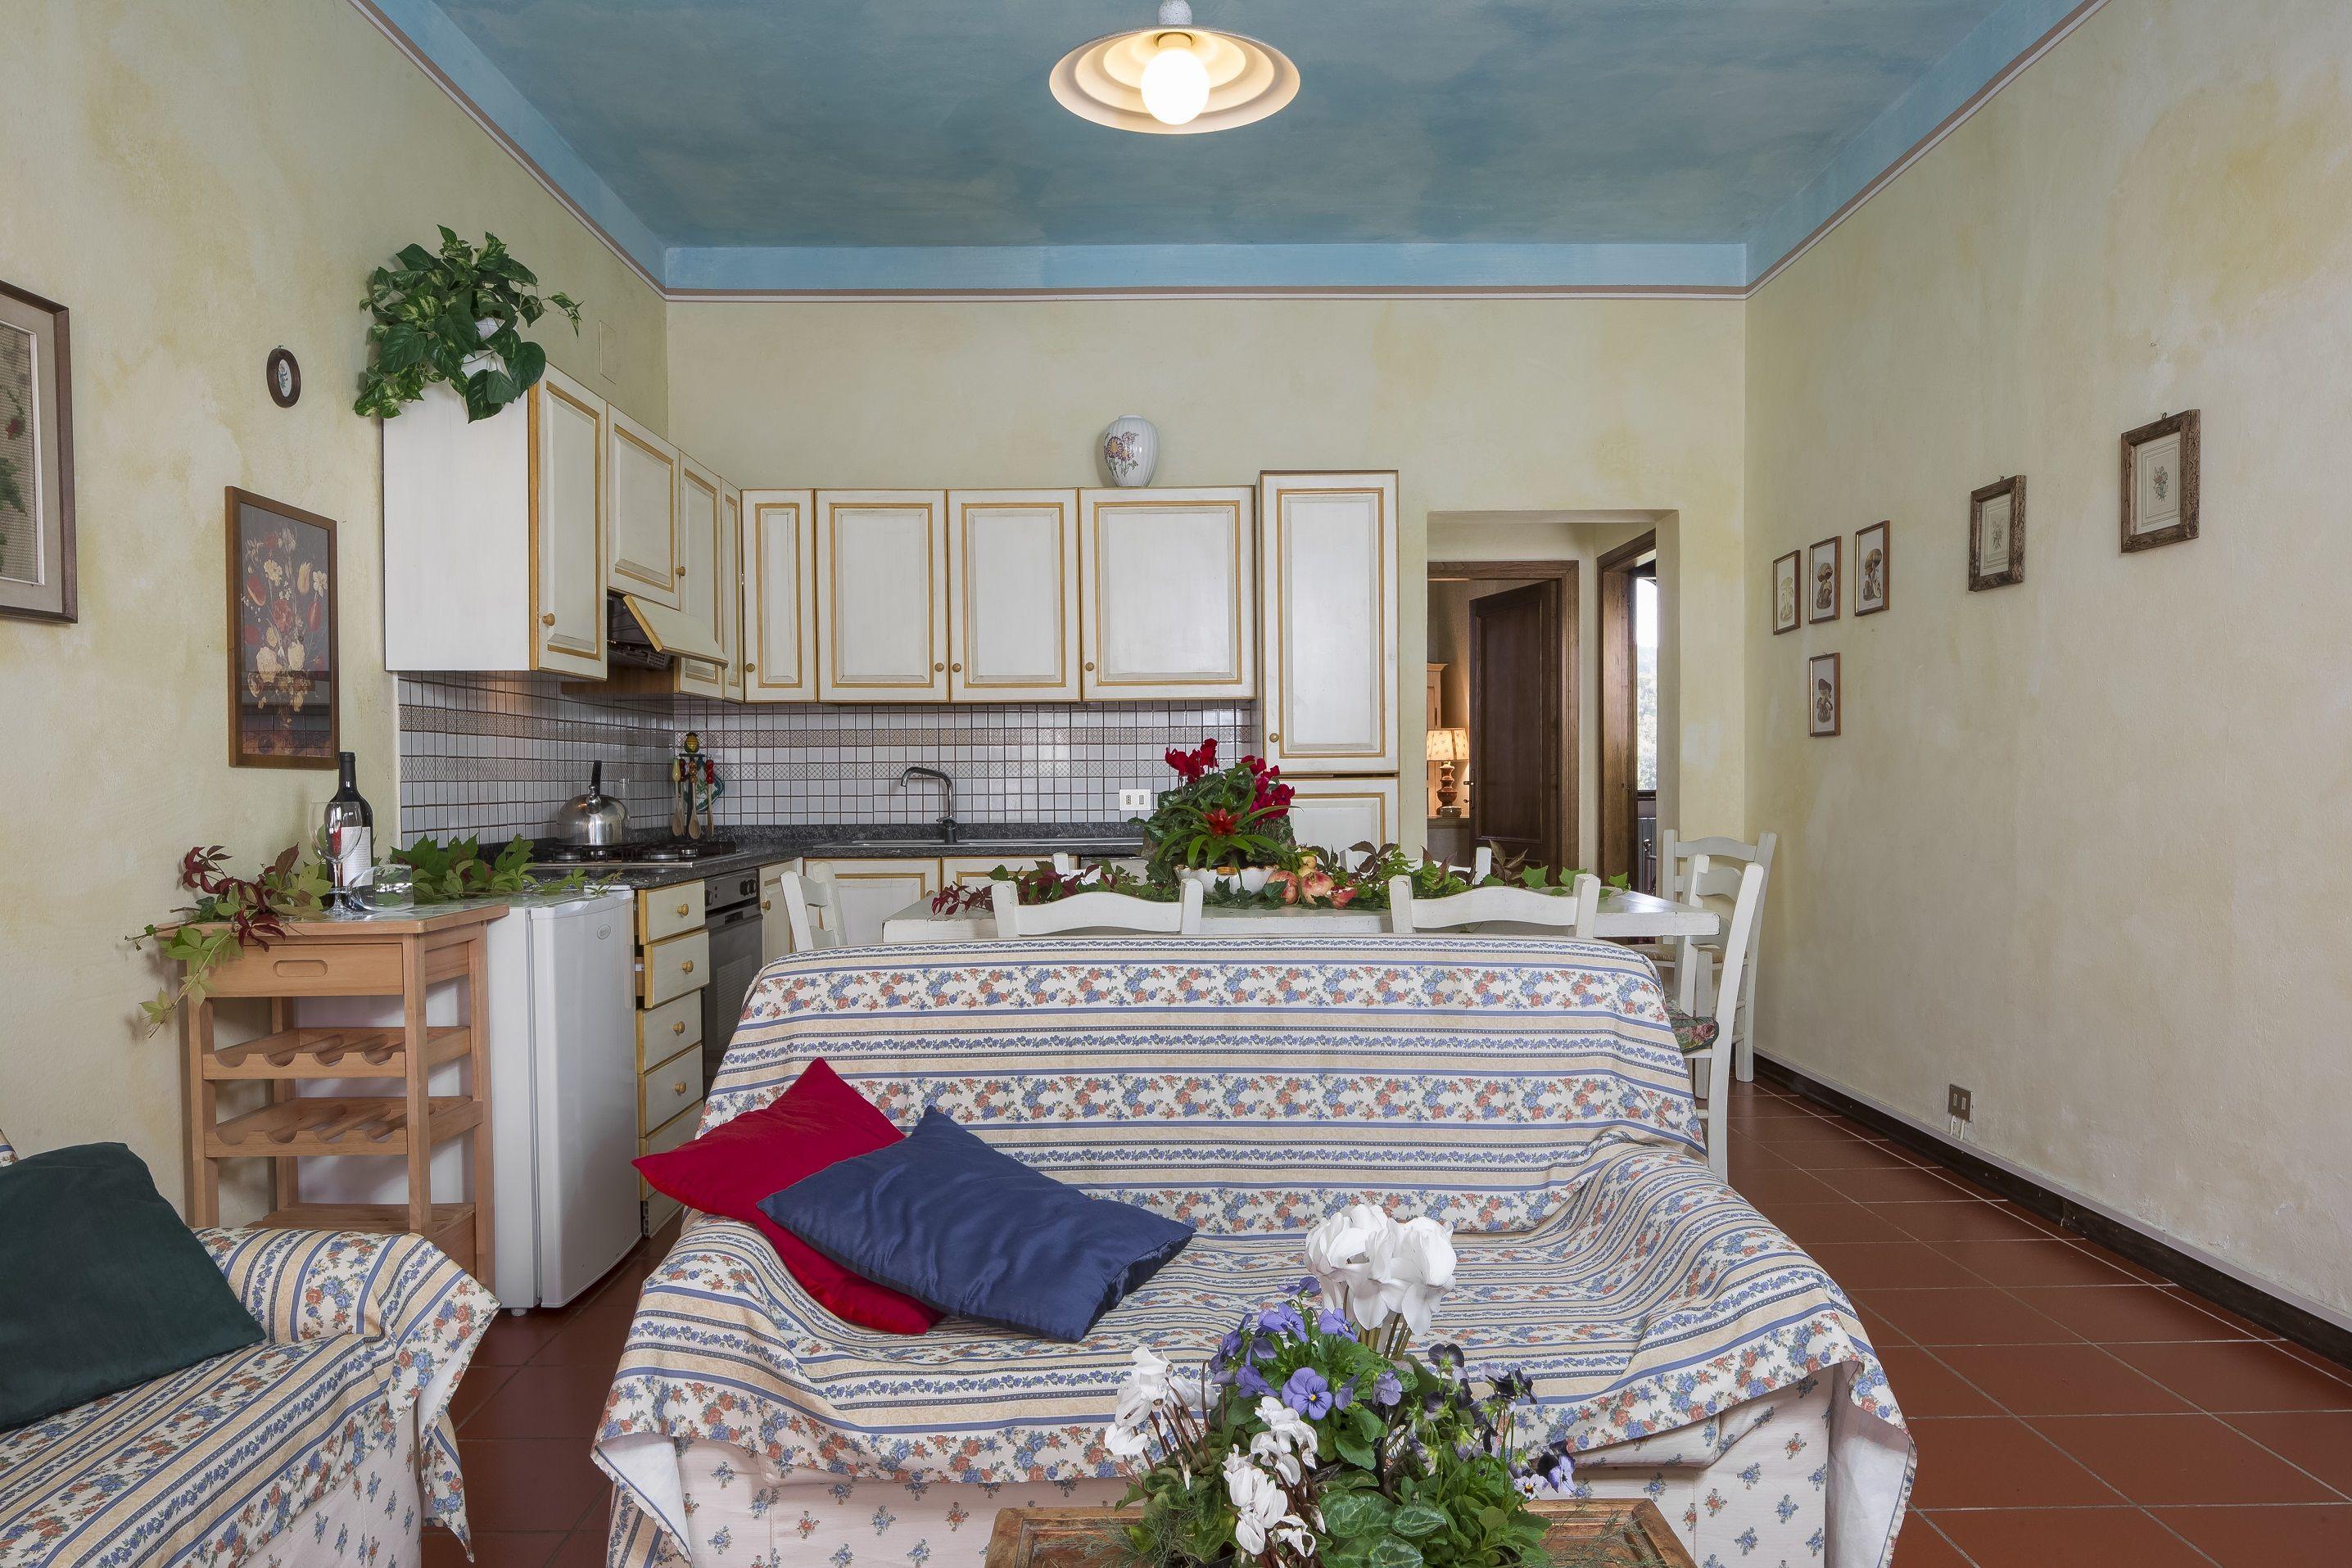 Apartment Bosco Lazzeroni Residence - Nabucco Holiday Home photo 17064535